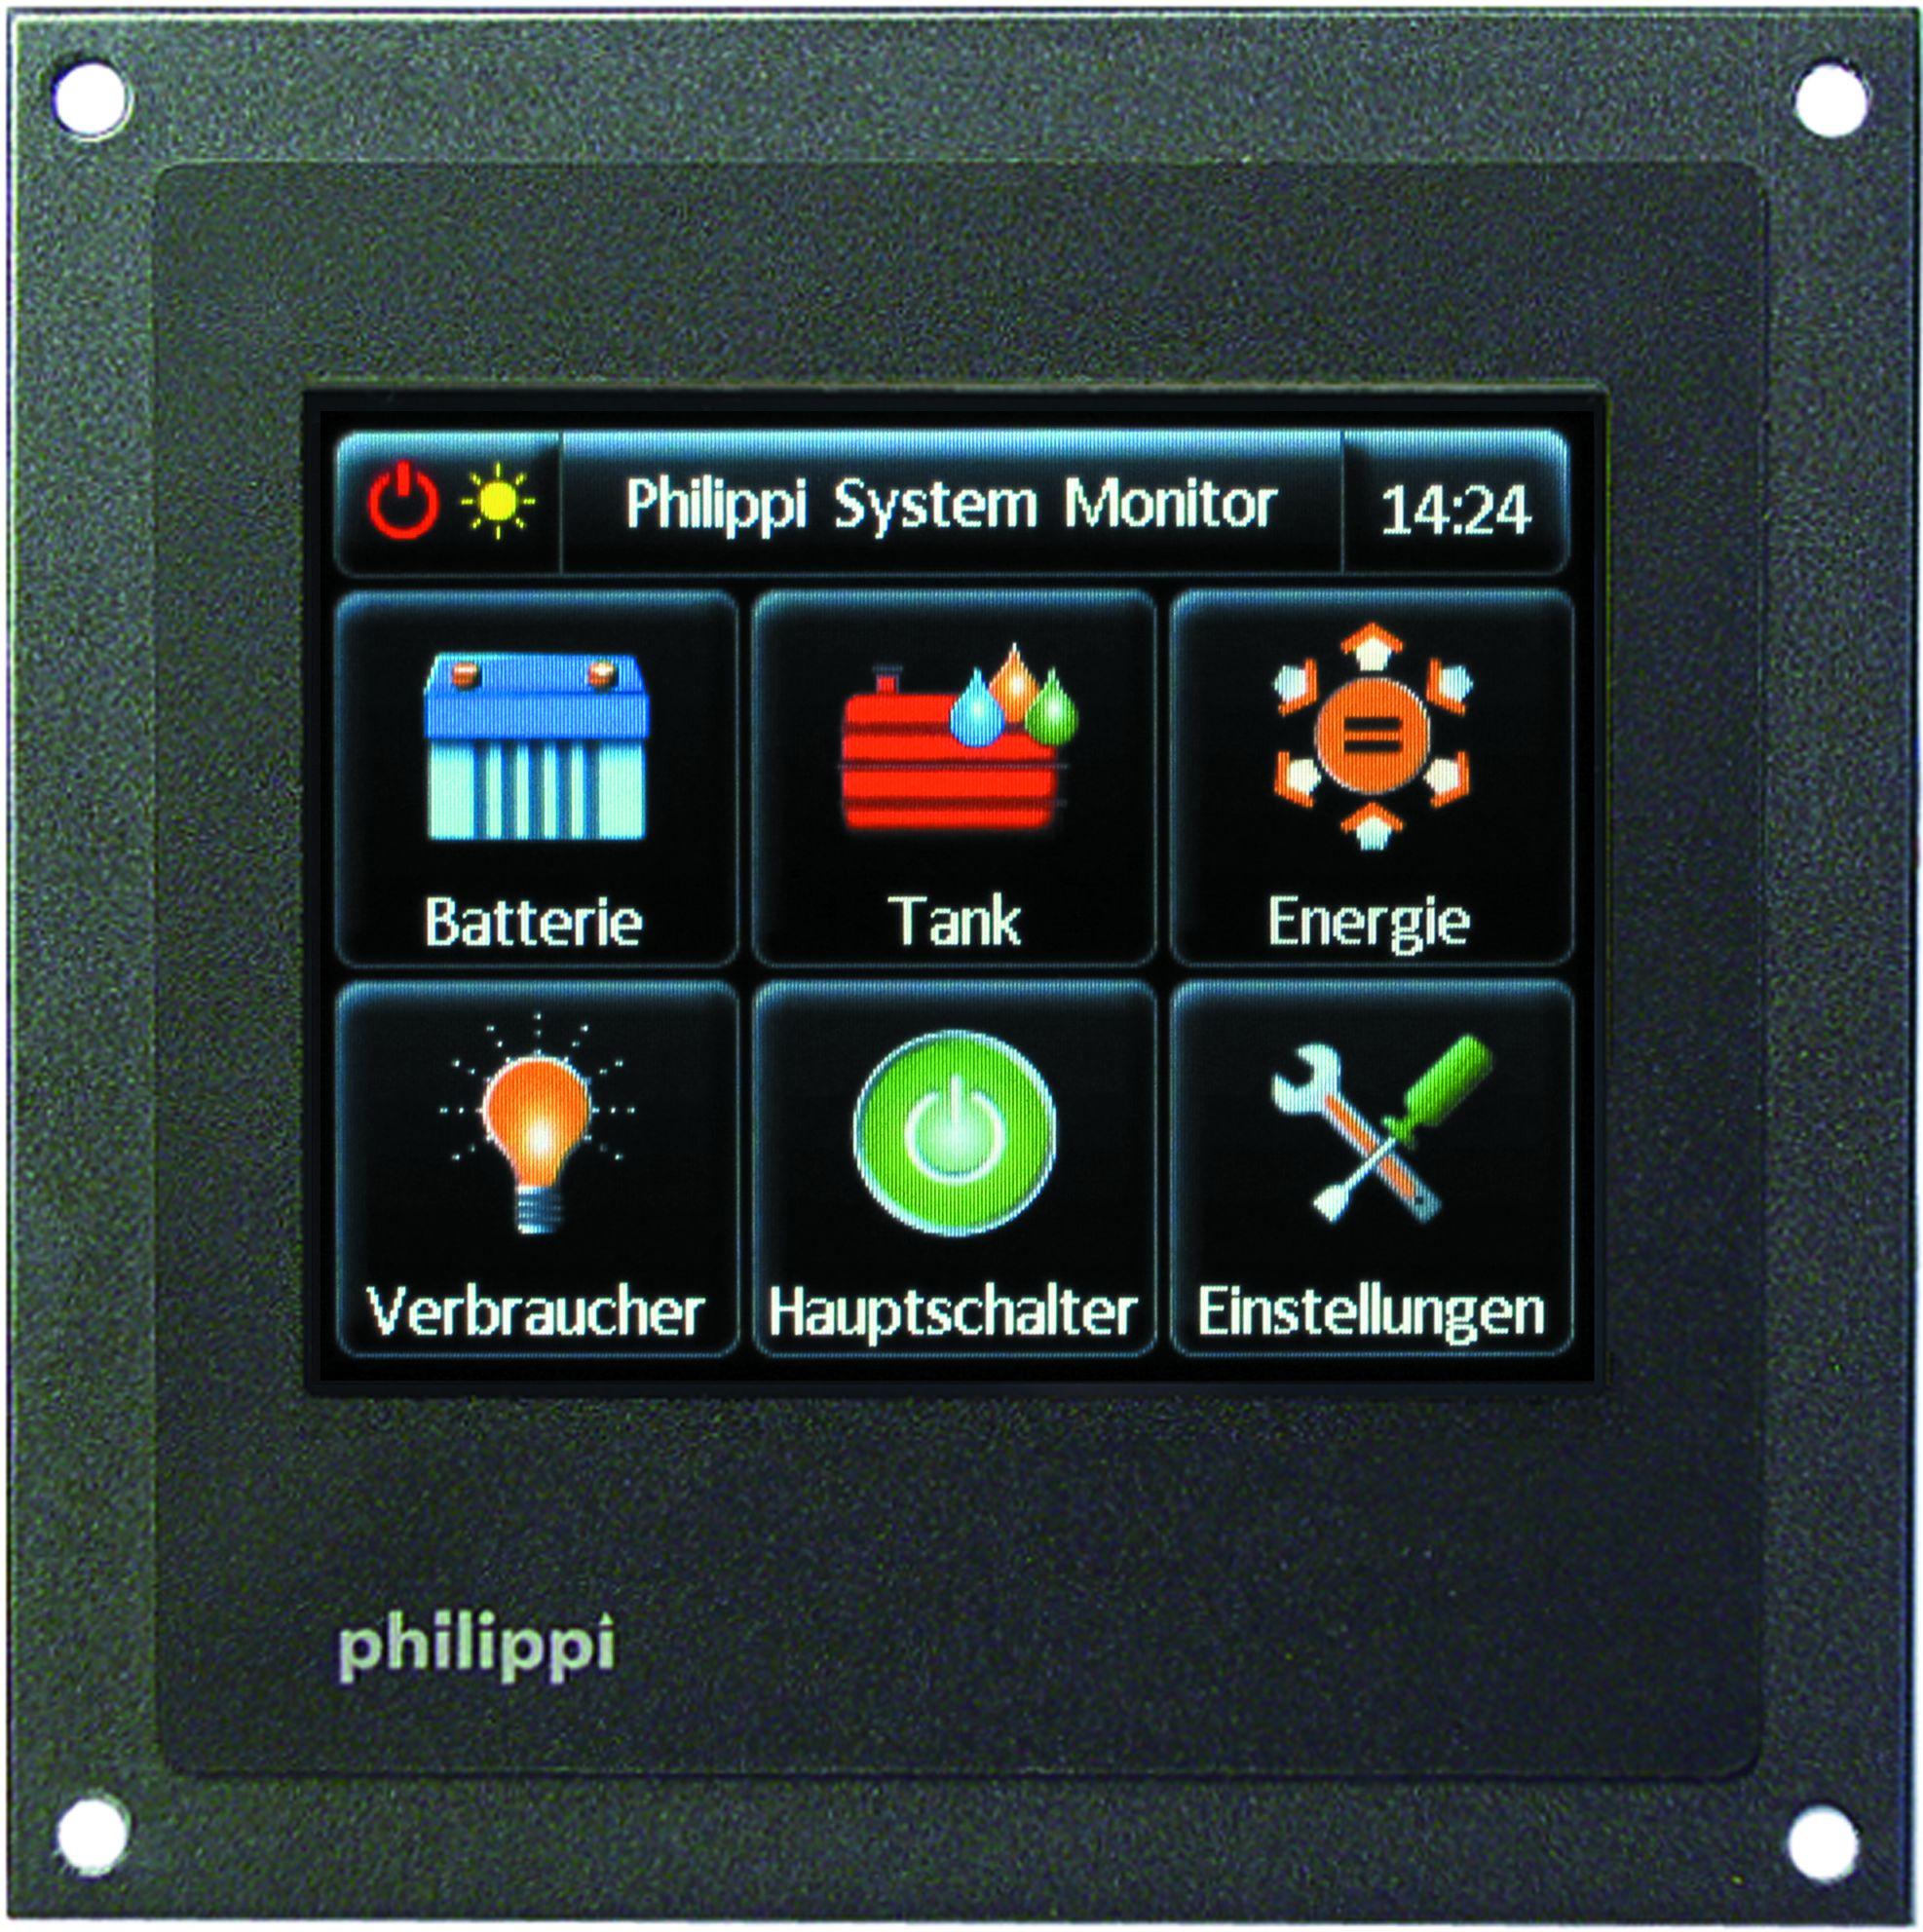 Philippi System Monitor PSM Verbraucher Schaltung